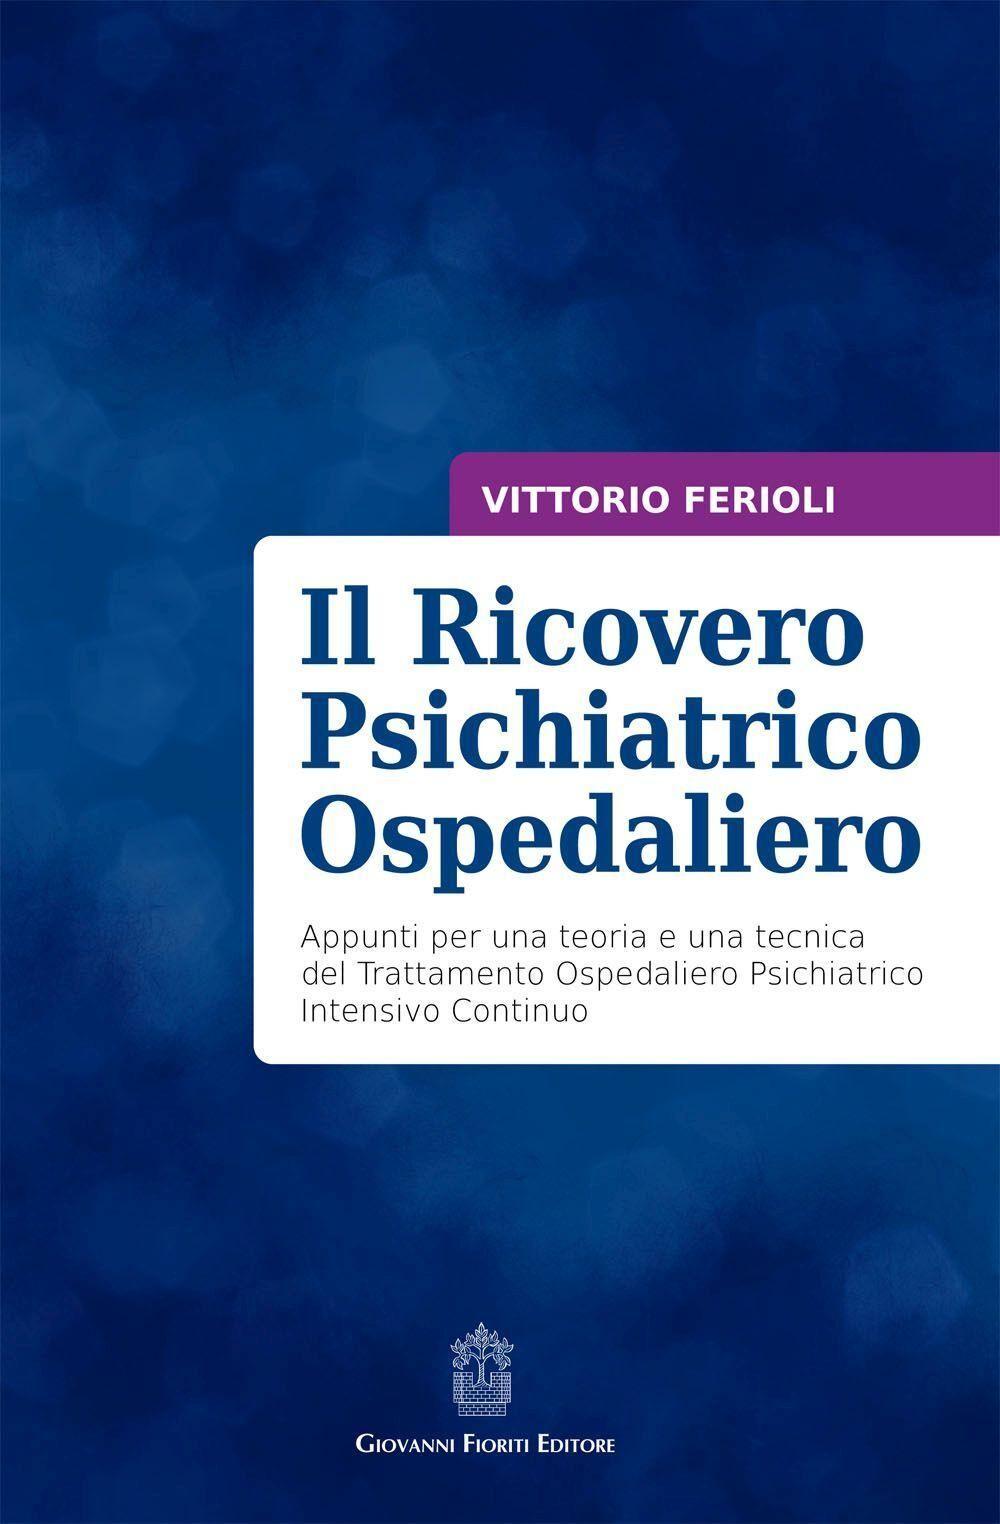 Il ricovero psichiatrico ospedaliero. Appunti per una teoria e una tecnica del trattamento ospedaliero psichiatrico intensivo continuo